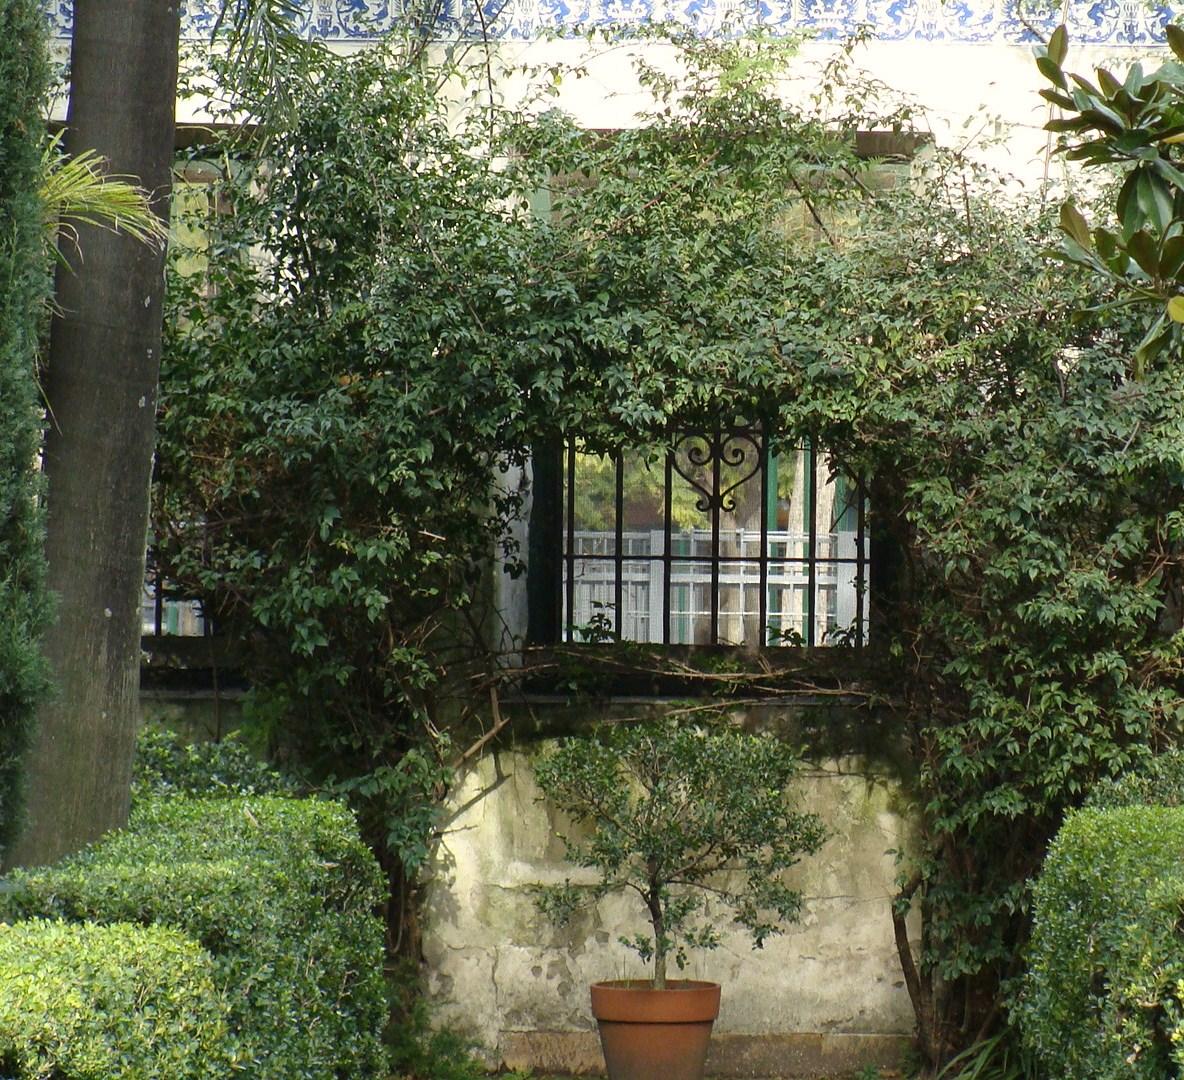 Arte y artesan a jard n del museo de arte espa ol enrique for Jardin spanish